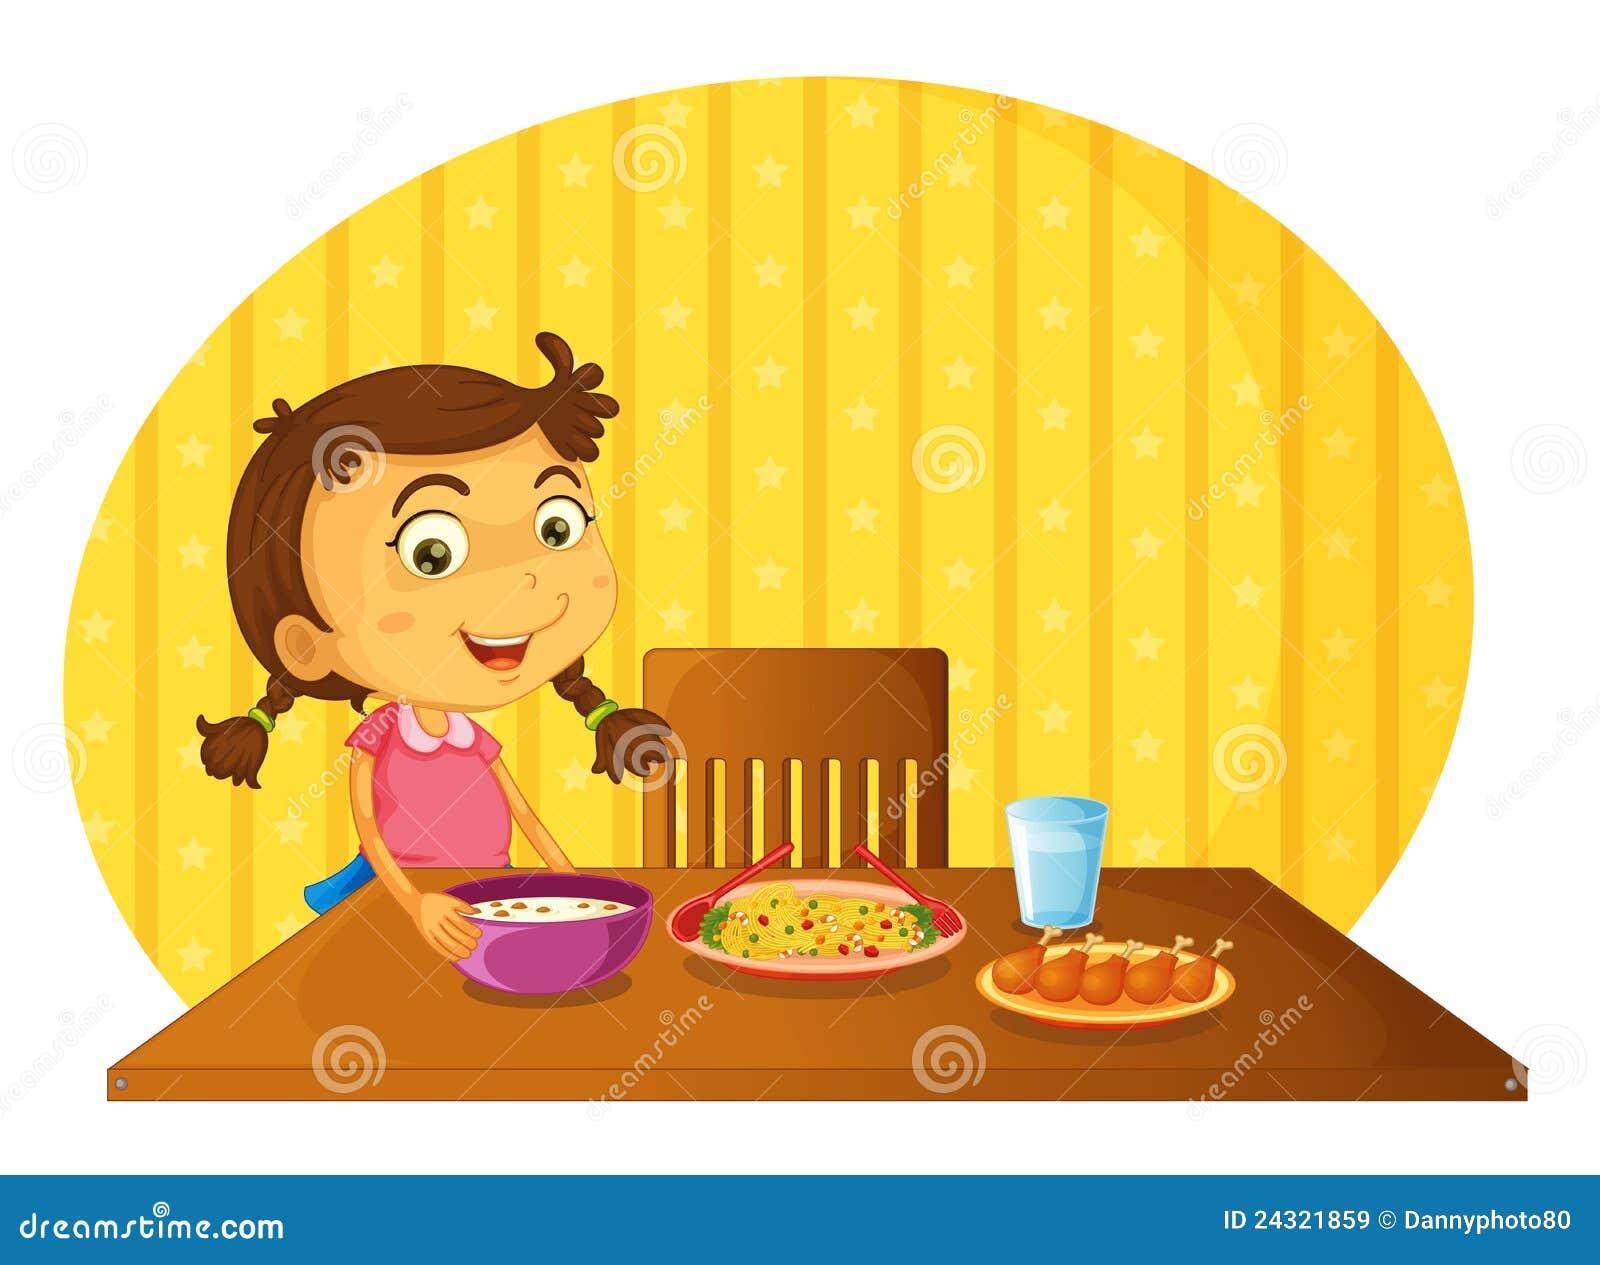 mettre la table images libres de droits image 24321859. Black Bedroom Furniture Sets. Home Design Ideas